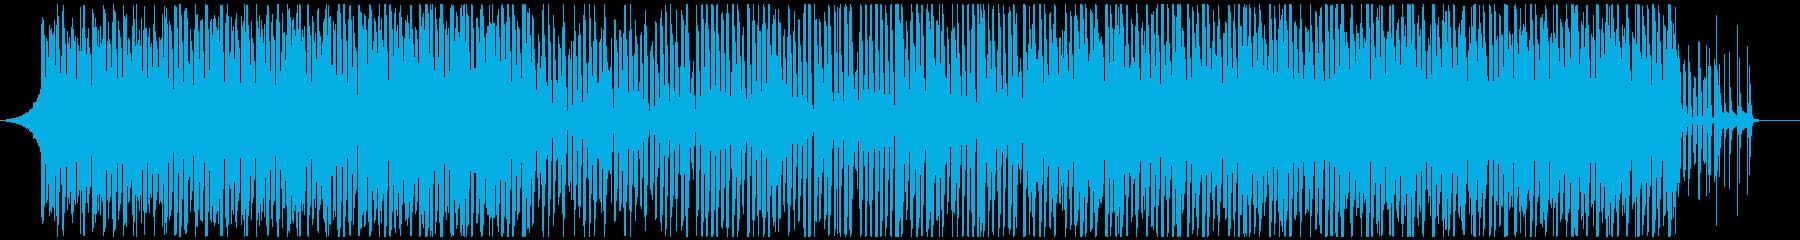 企業向明るくかわいいピアノで元気軽快の再生済みの波形